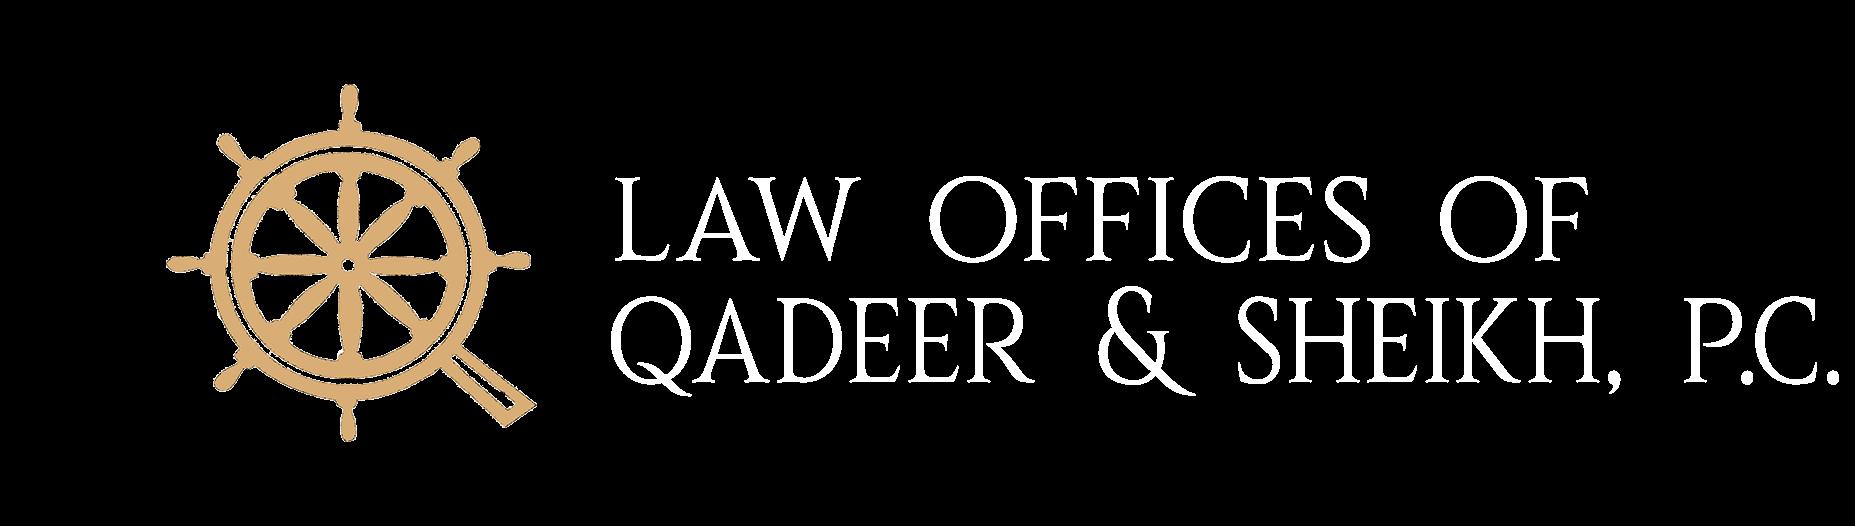 Qadeer & Sheikh Law